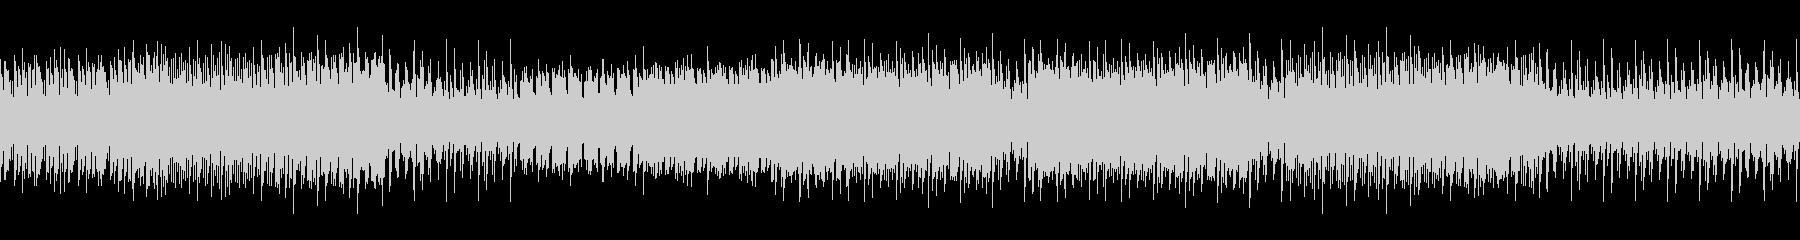 8ビットゲームサウンドBGM 06の未再生の波形